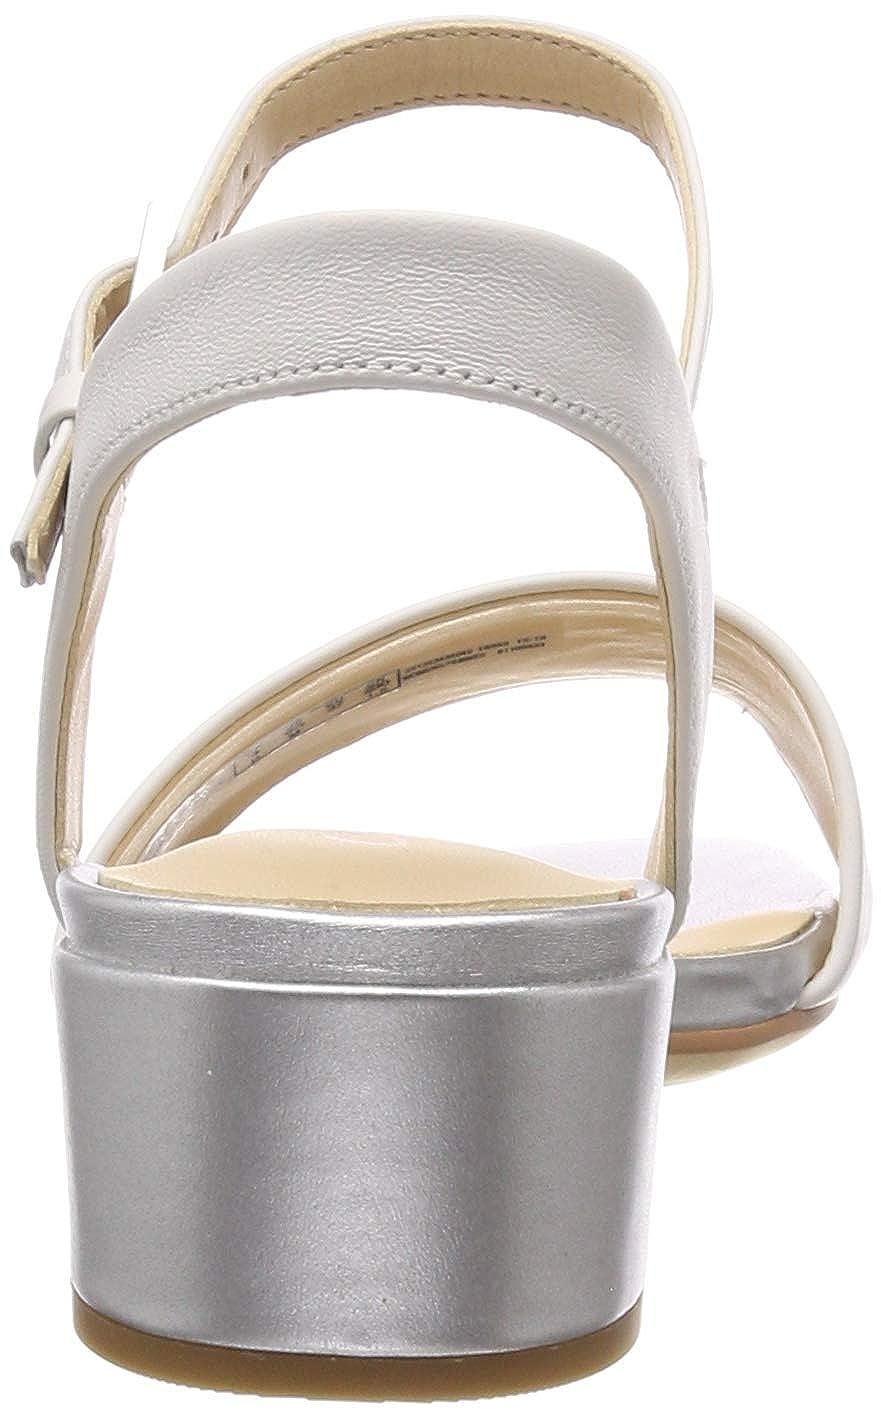 5107e33cd4d4 Clarks Women s Orabella Iris Ankle Strap Sandals  Amazon.co.uk  Shoes   Bags